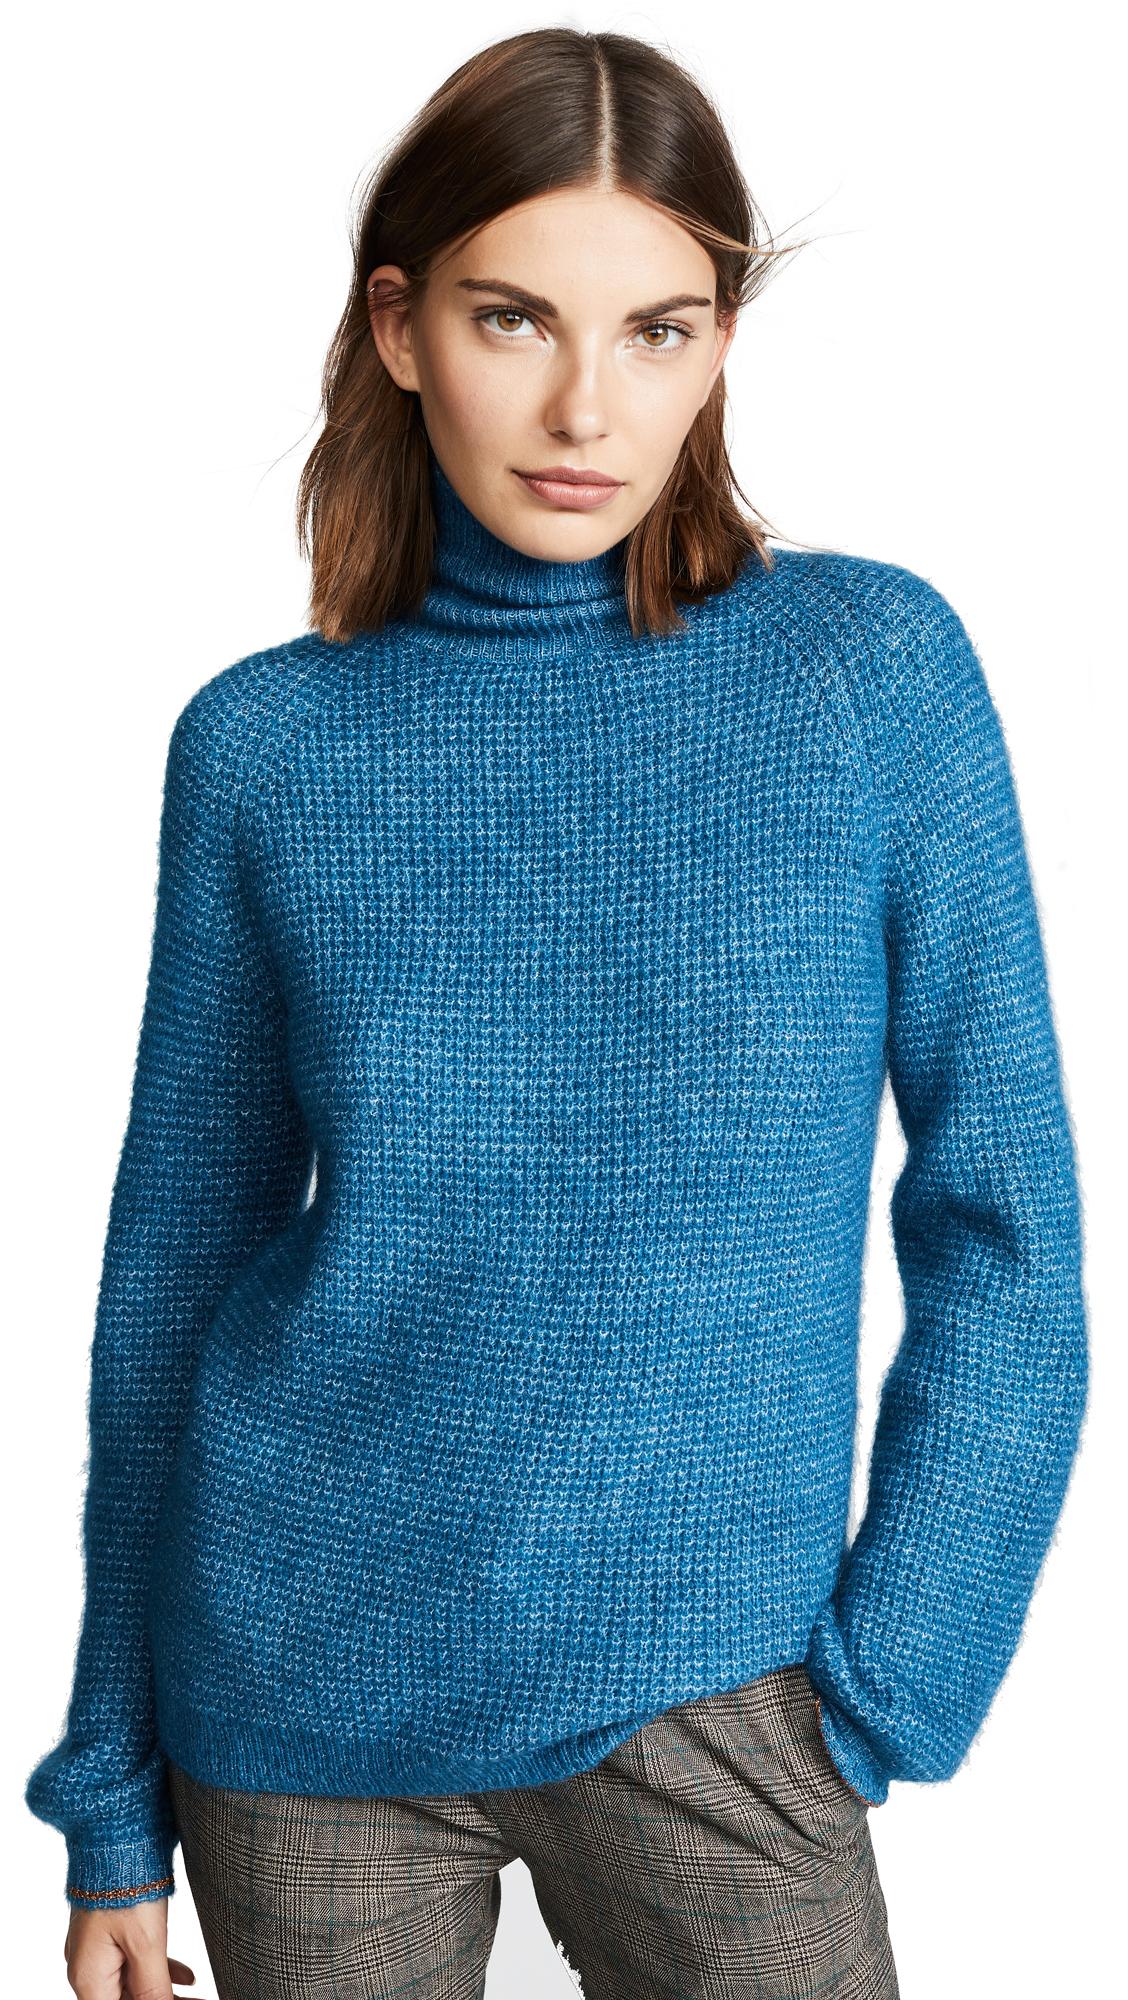 Mkt Studio Klimia Sweater